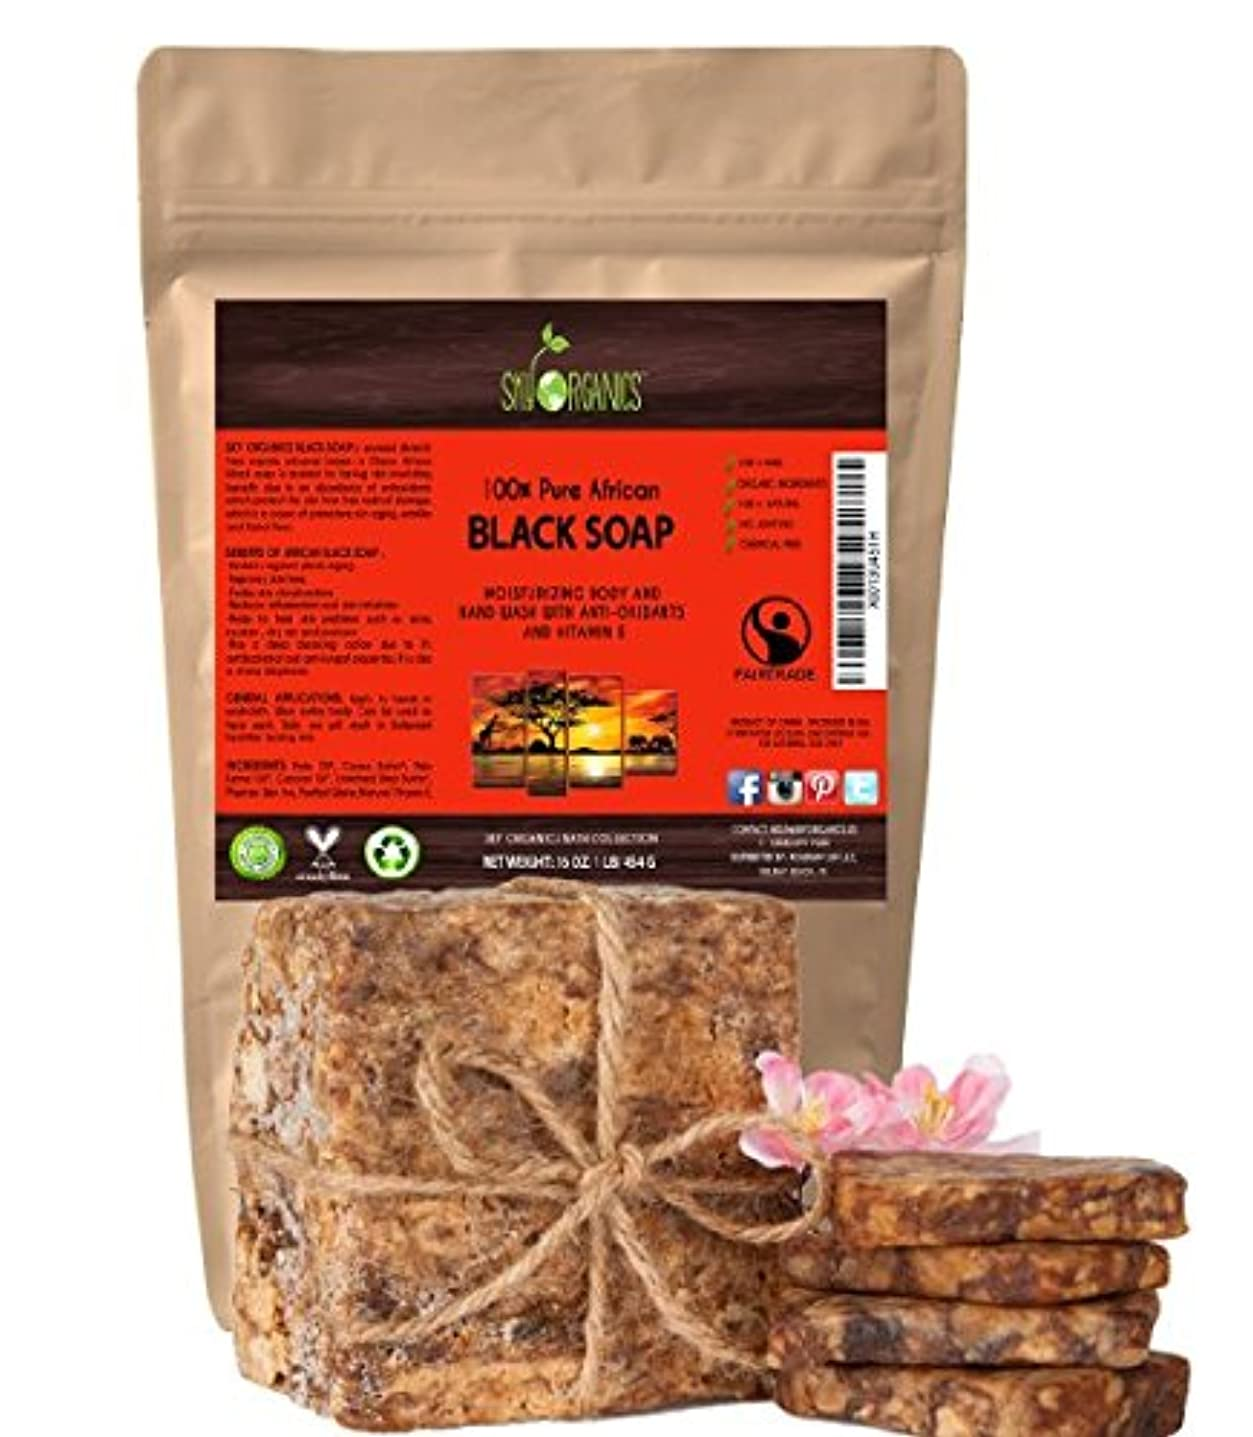 記念碑的な放棄虚偽切って使う オーガニック アフリカン ブラックソープ (約4563gブロック)Organic African Black Soap (16oz block) - Raw Organic Soap Ideal for Acne, [並行輸入品]